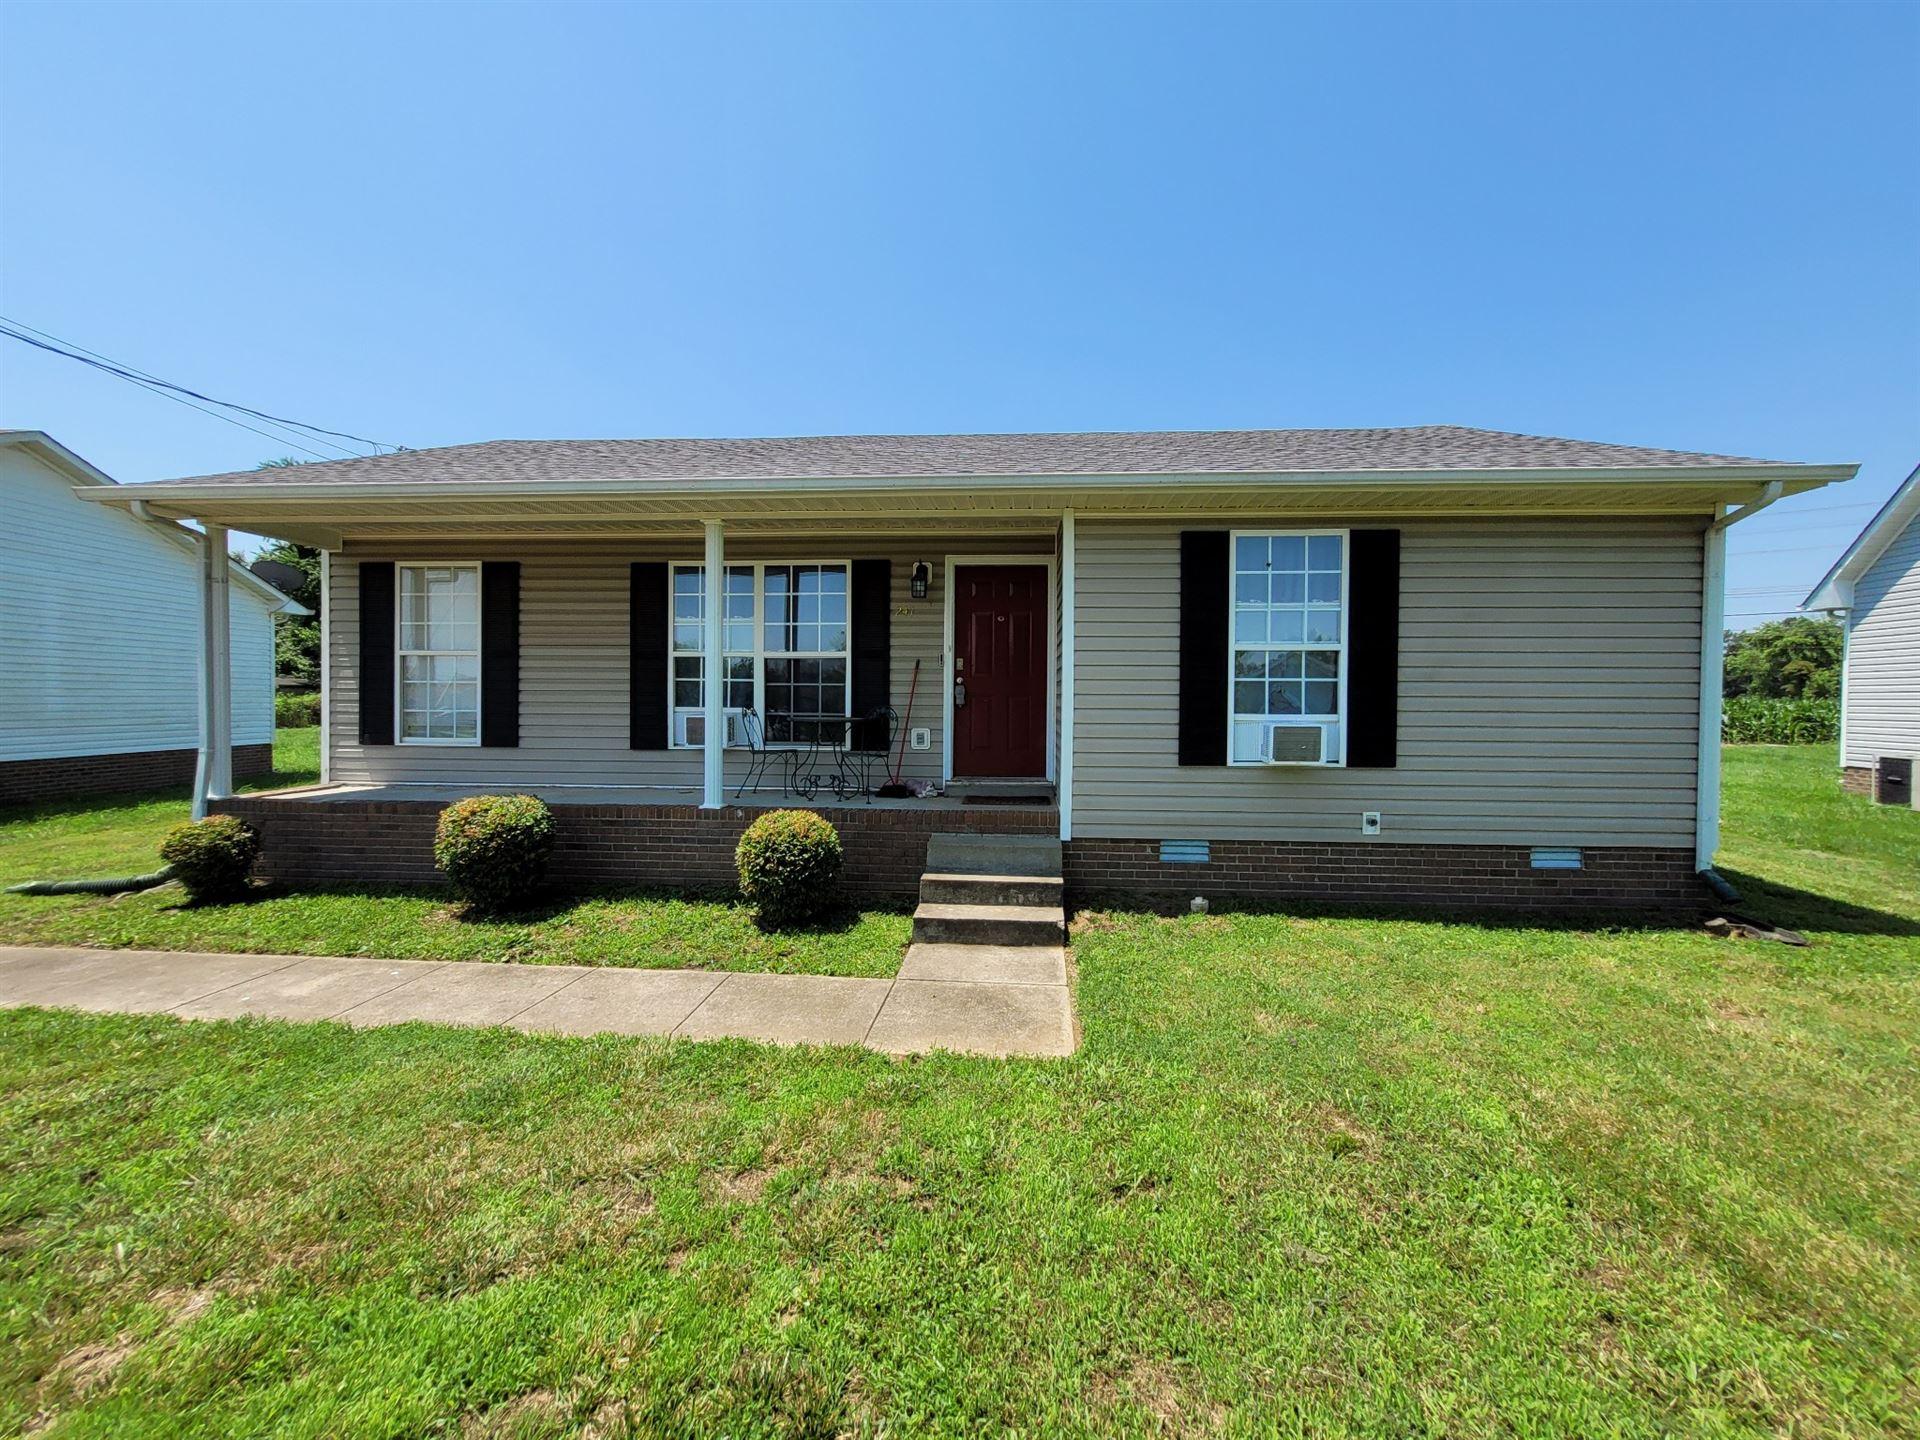 247 Waterford Dr, Oak Grove, KY 42262 - MLS#: 2260584